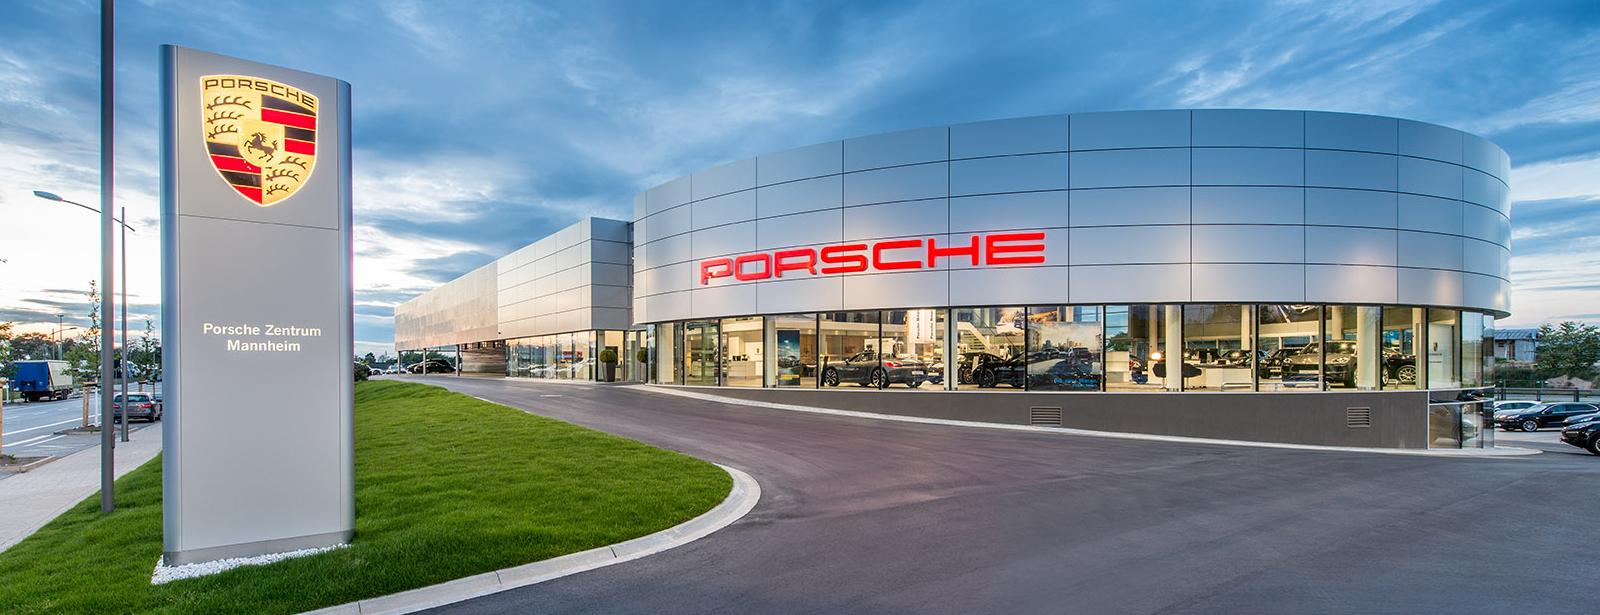 Porsche-centrumet i Mannheim